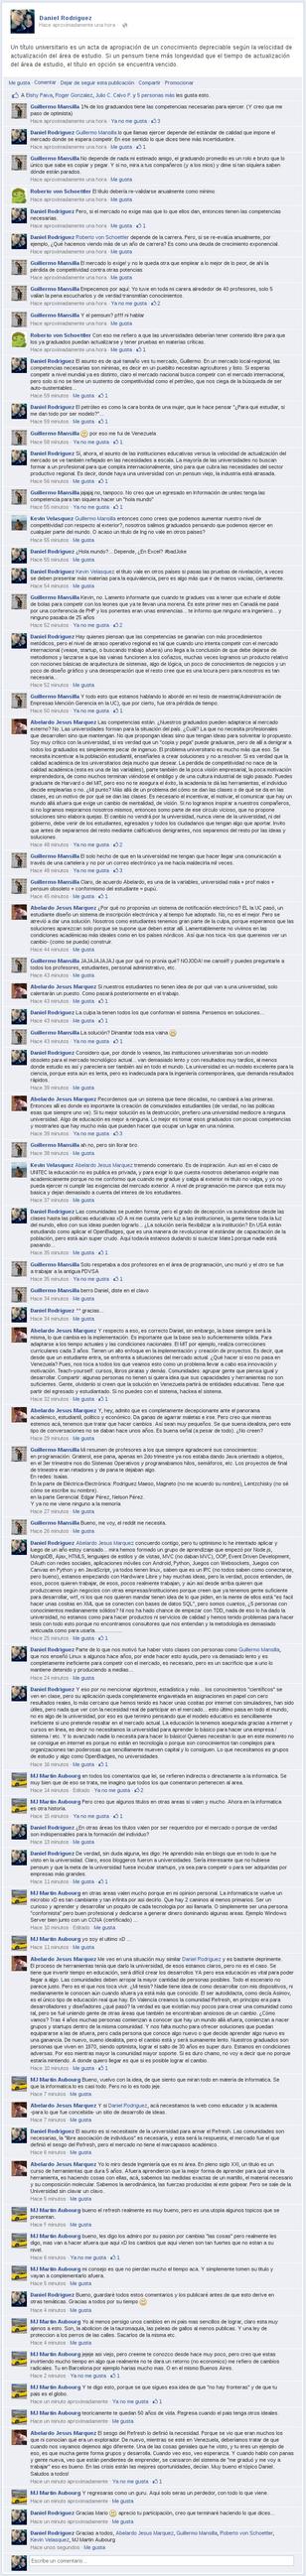 Dialogo Sobre la Educacion Contemporanea by Sadasant